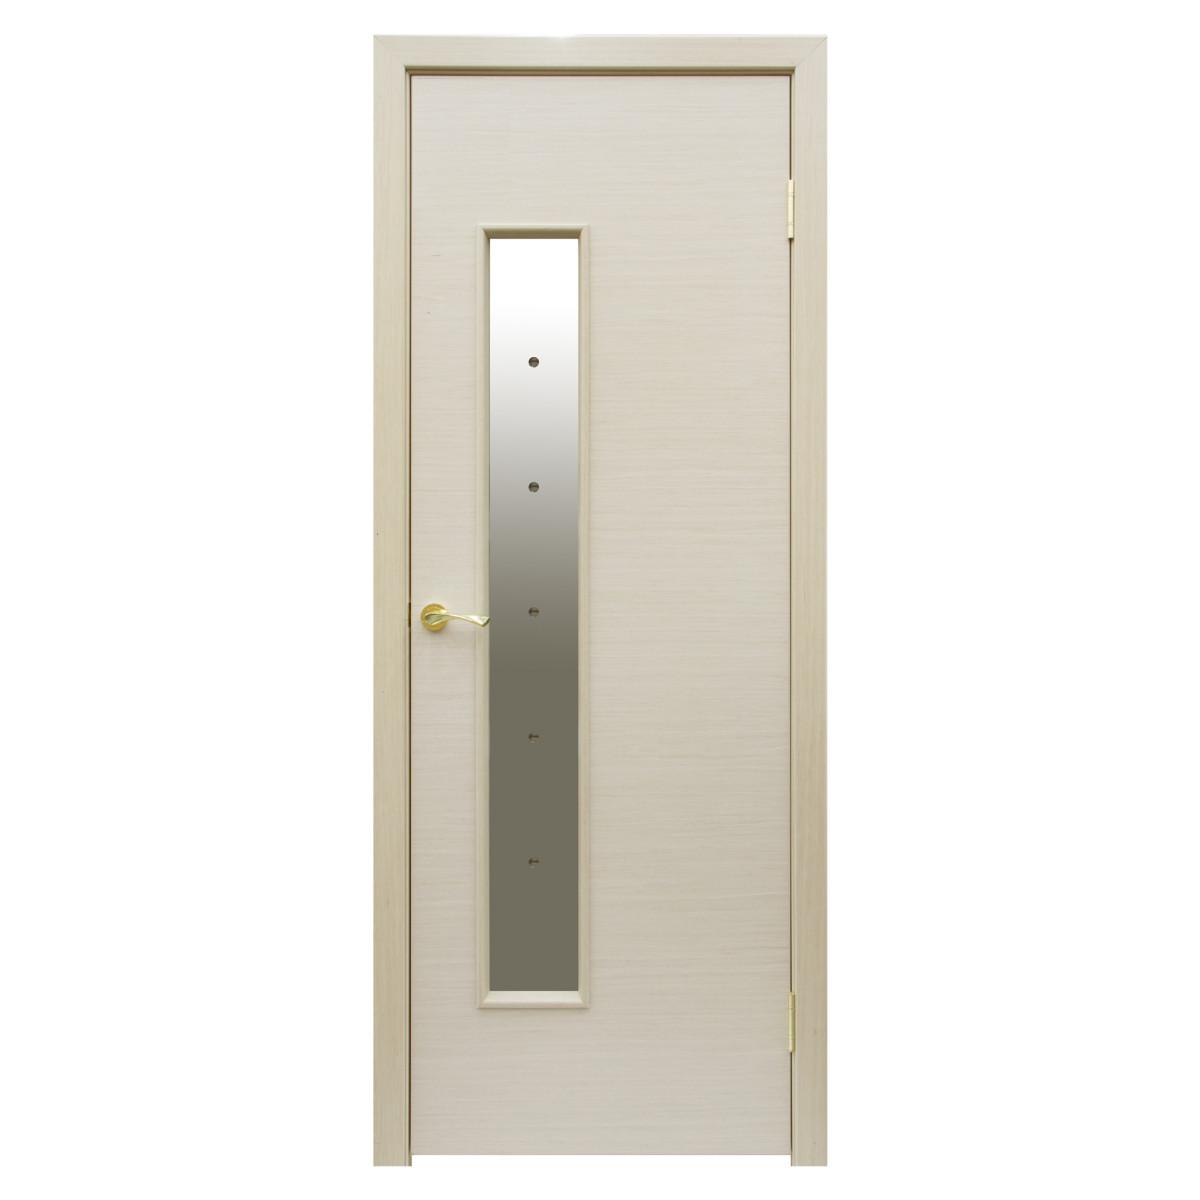 Дверь Межкомнатная Остеклённая Шарлотт 70x200 Шпон Цвет Дуб Белёный